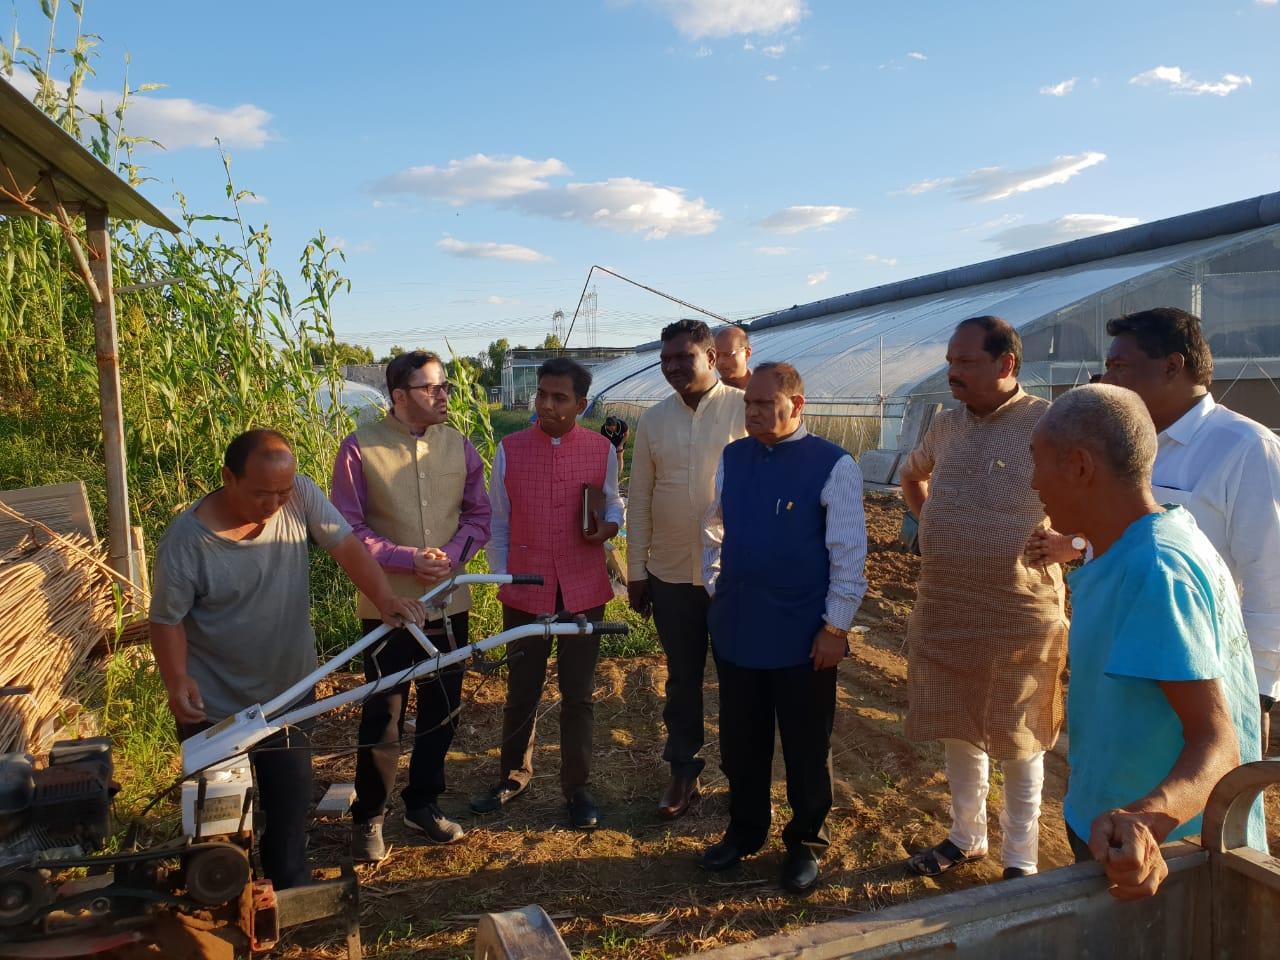 चीन में किसानों की सहकारी समिति के अनुभव का लाभ झारखण्ड में भी होगा - मुख्यमंत्री